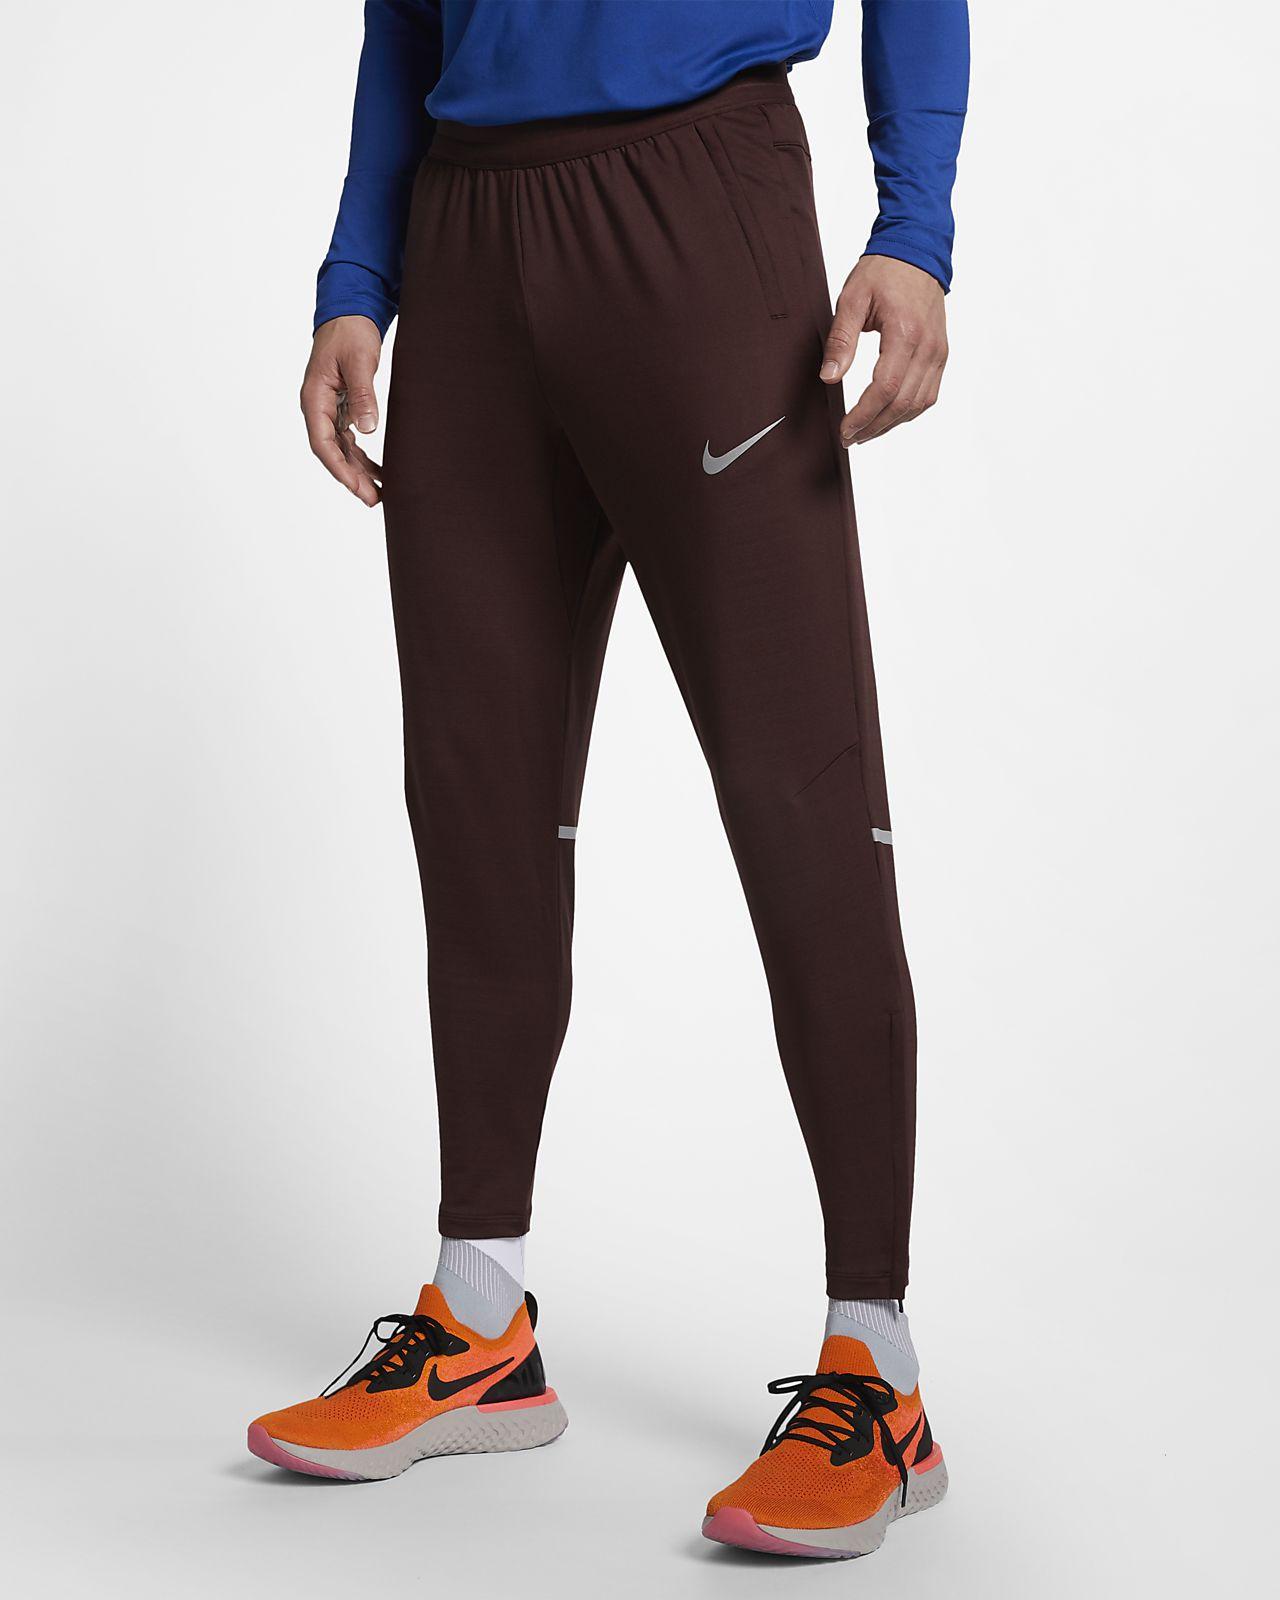 Pánské běžecké kalhoty Nike Phenom